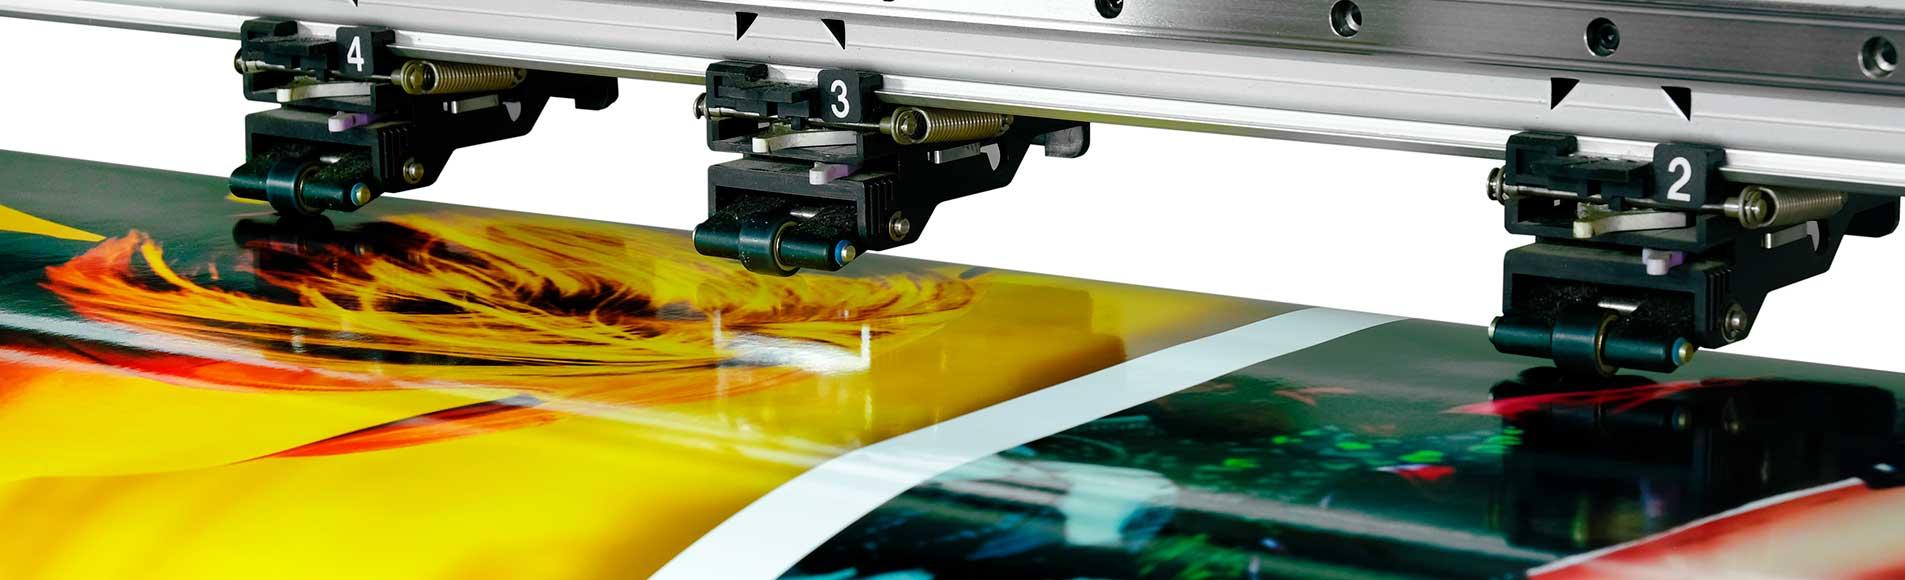 Todos los Sistemas de Impresión en un Sólo Lugar